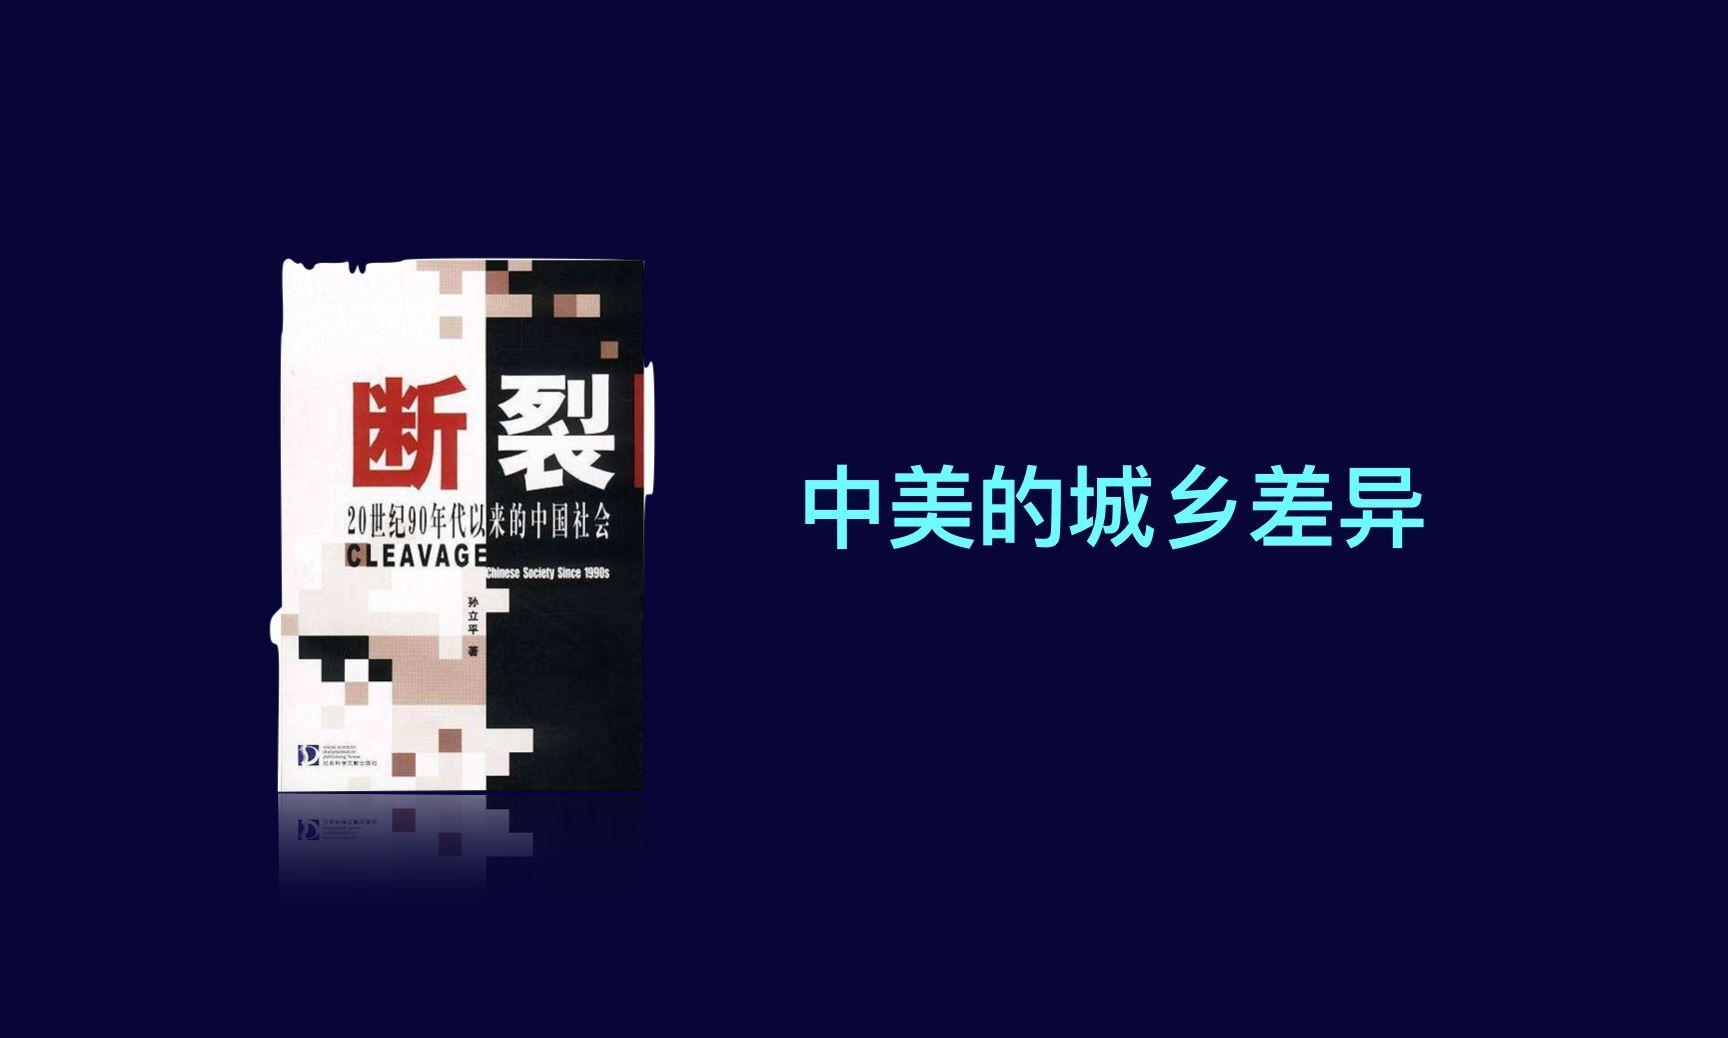 汪星宇:为认清中国城乡的宏大差距,我要率领更多同龄人感知墟落